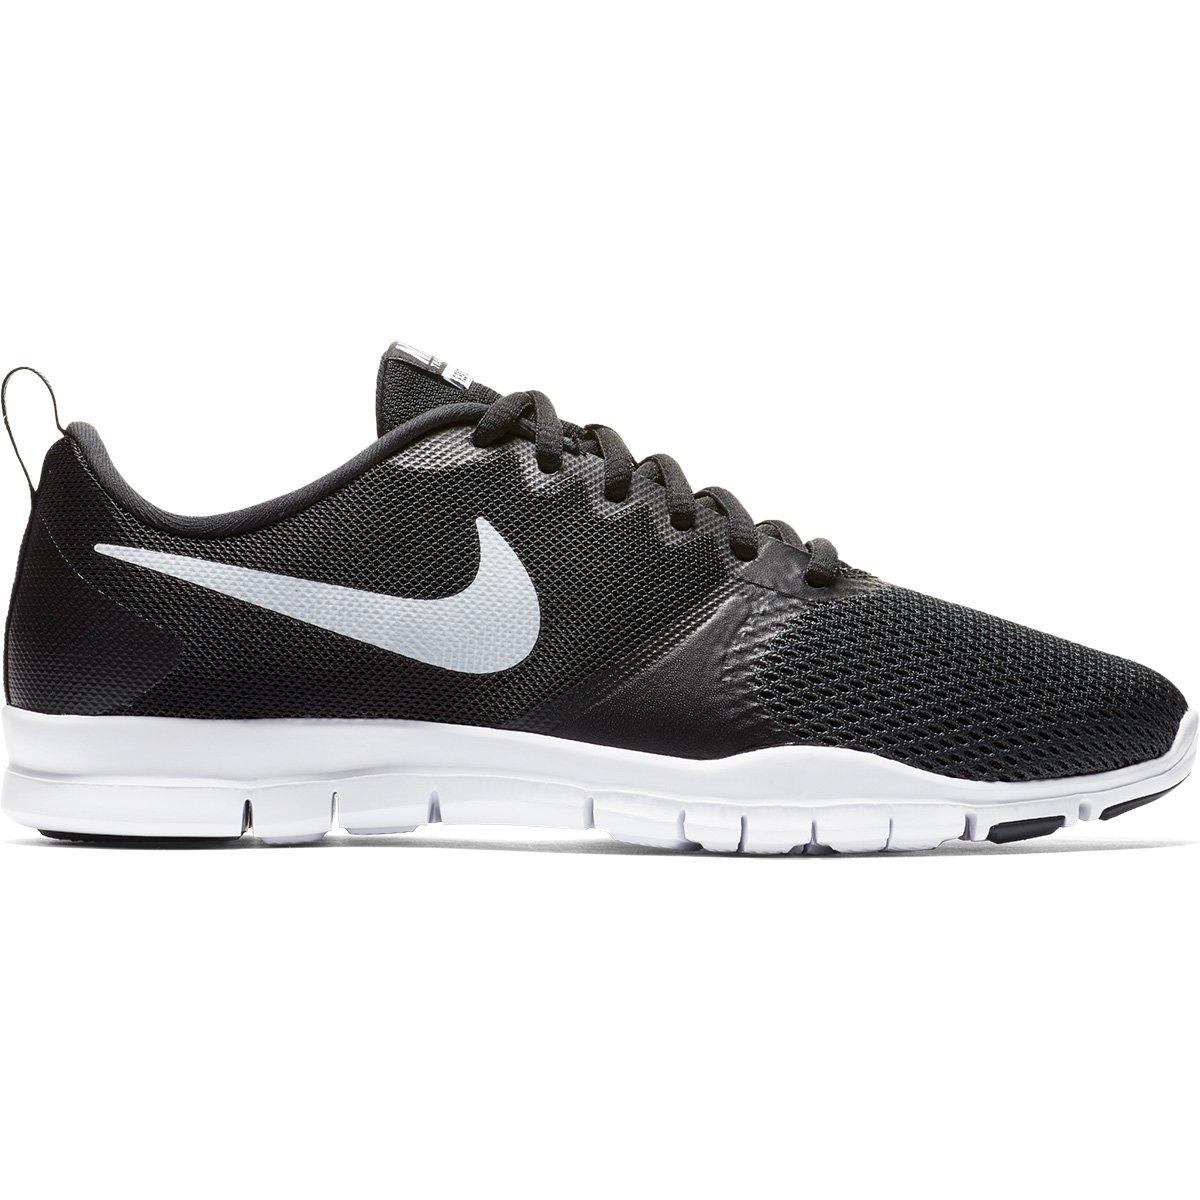 932f4ebaa37 Tênis Nike Flex Essential TR Feminino - Preto e Branco - Compre Agora